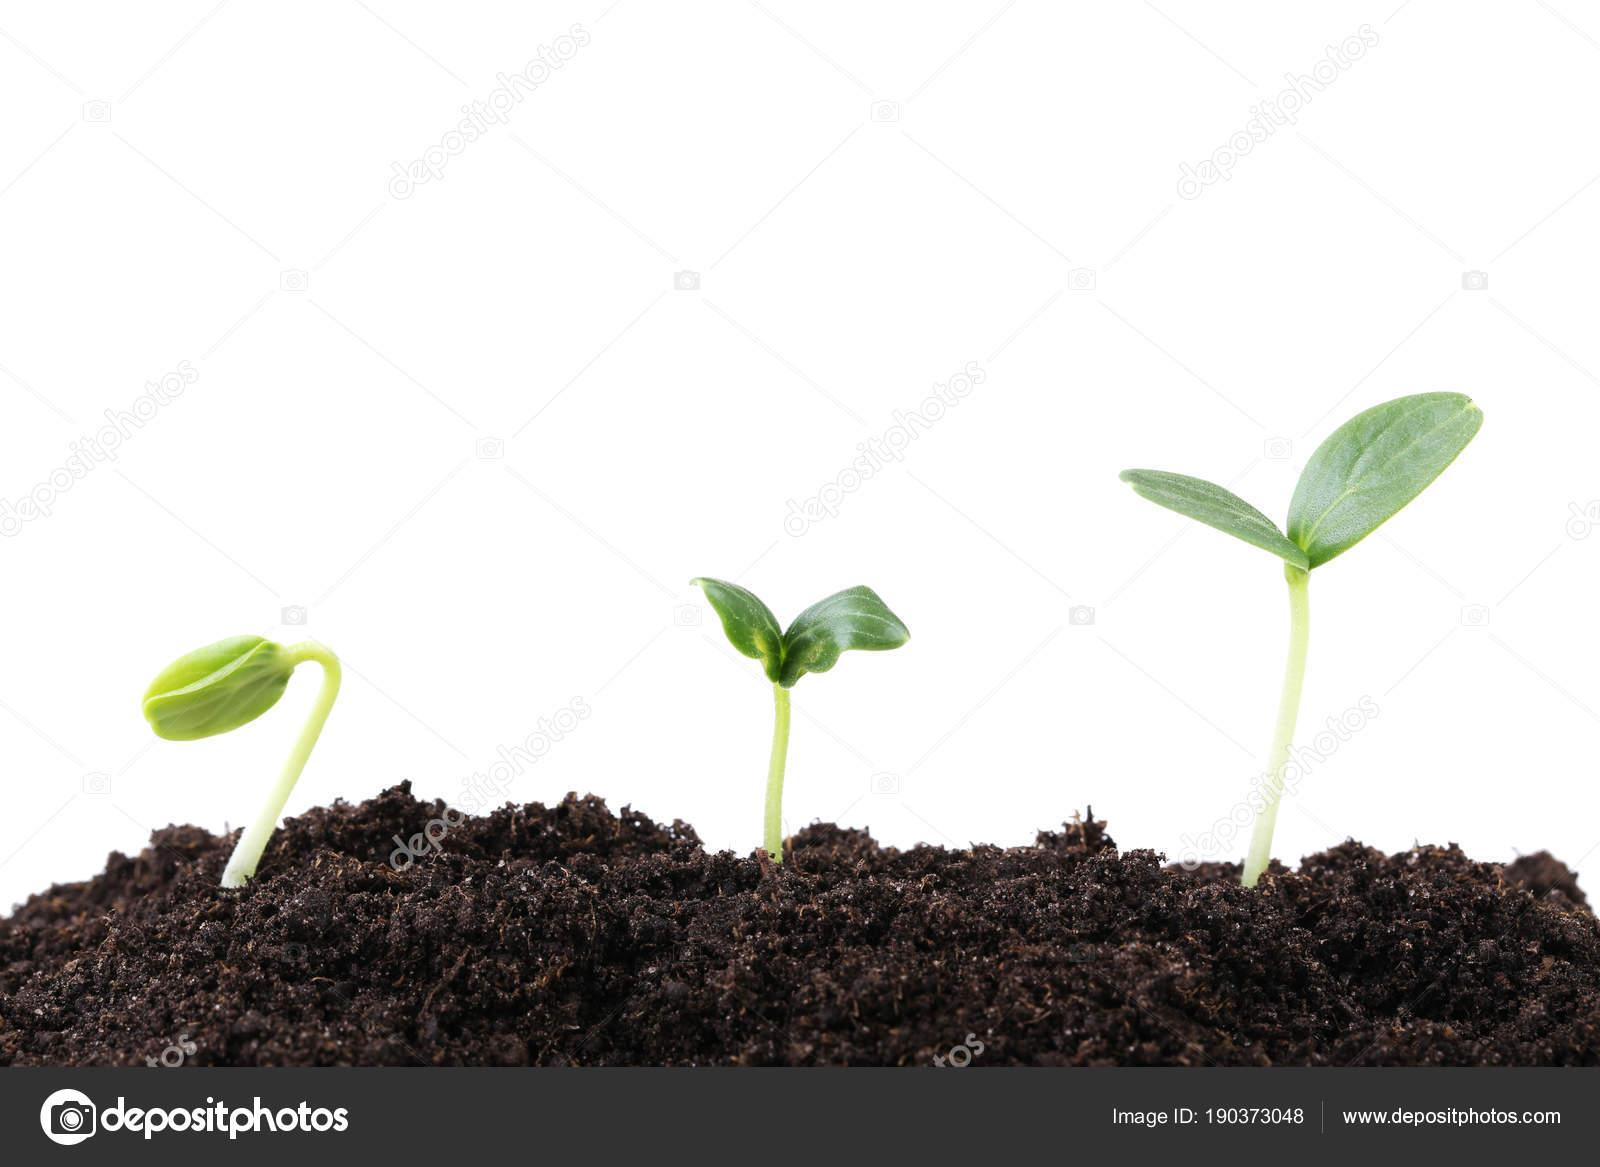 Junge Pflanzen Boden Auf Weissem Hintergrund Stockfoto C 5seconds